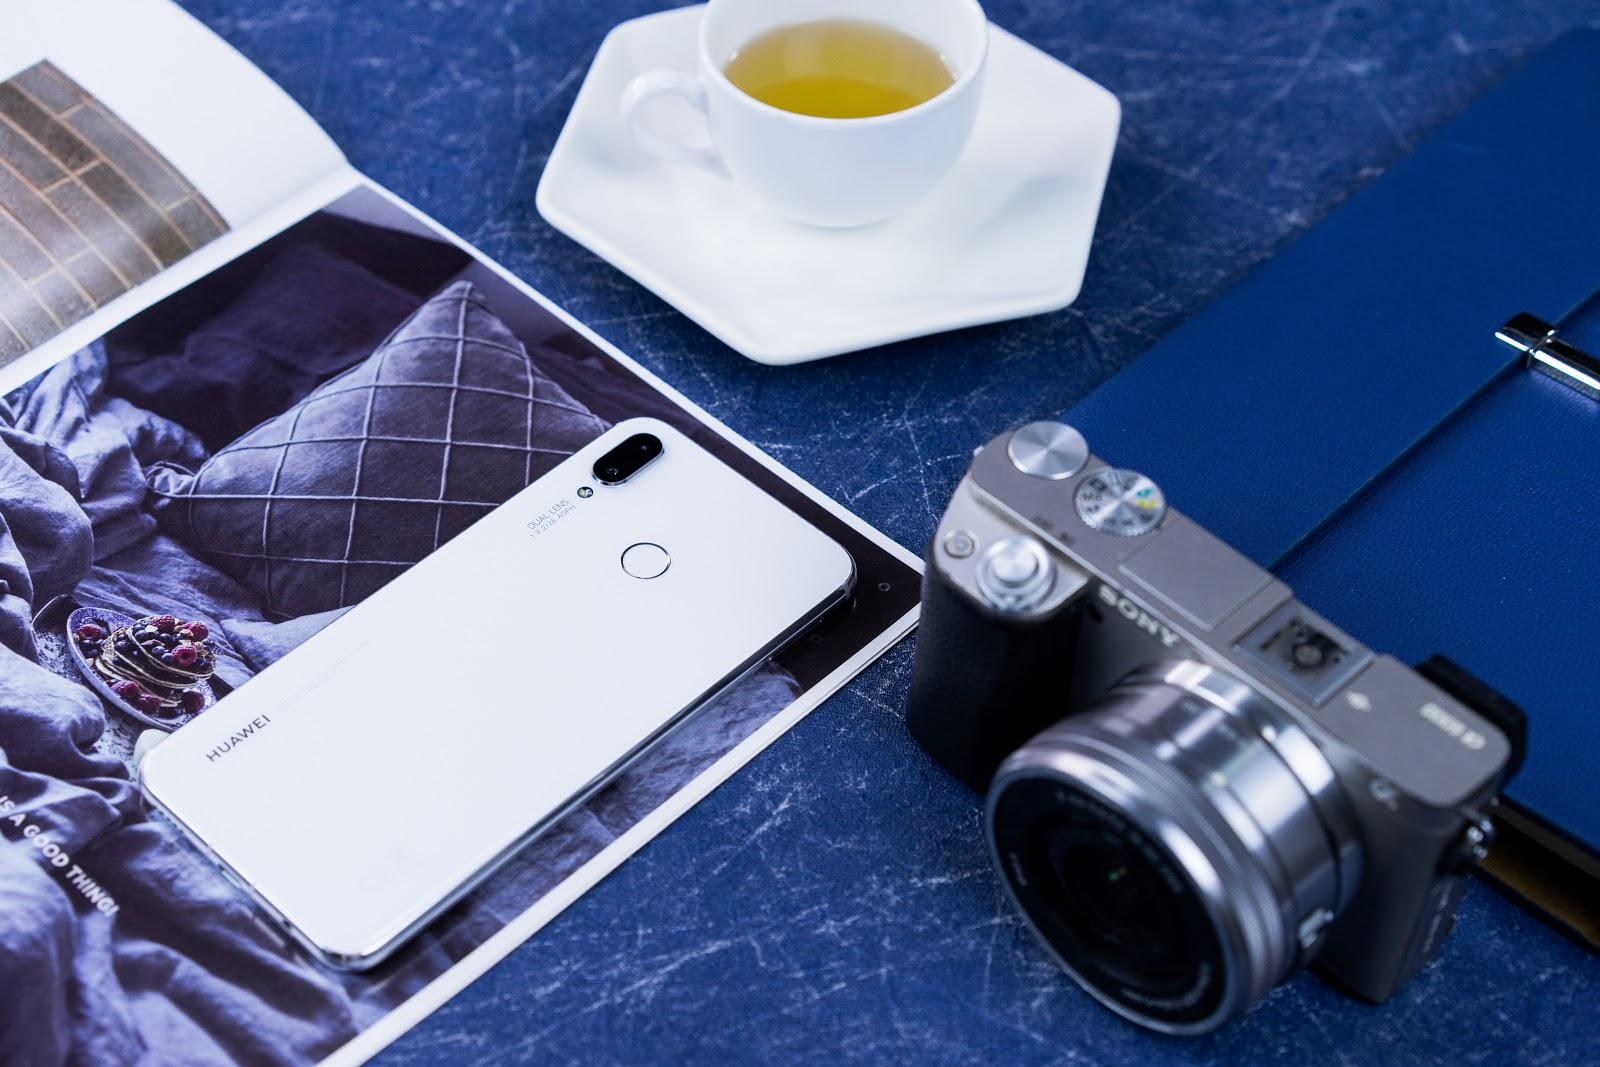 Đơn giản nhưng cuốn hút, chiếc smartphone này đáng để bạn tự thưởng cho bản thân dịp cuối năm - Ảnh 2.